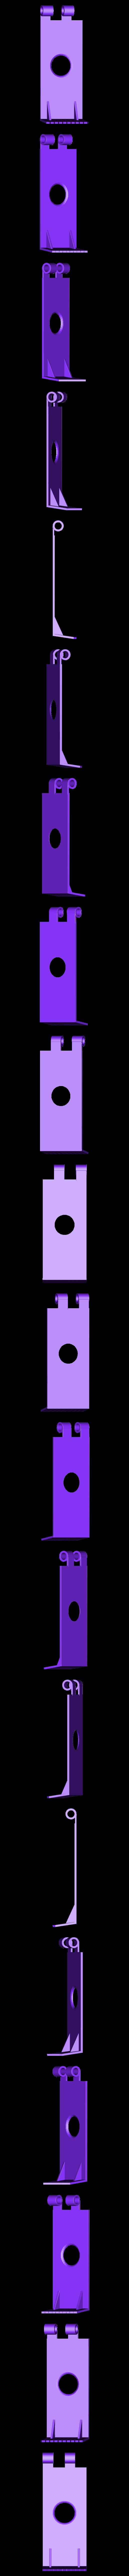 tong_grips.stl Télécharger fichier STL gratuit Pinces • Modèle imprimable en 3D, greenbox6